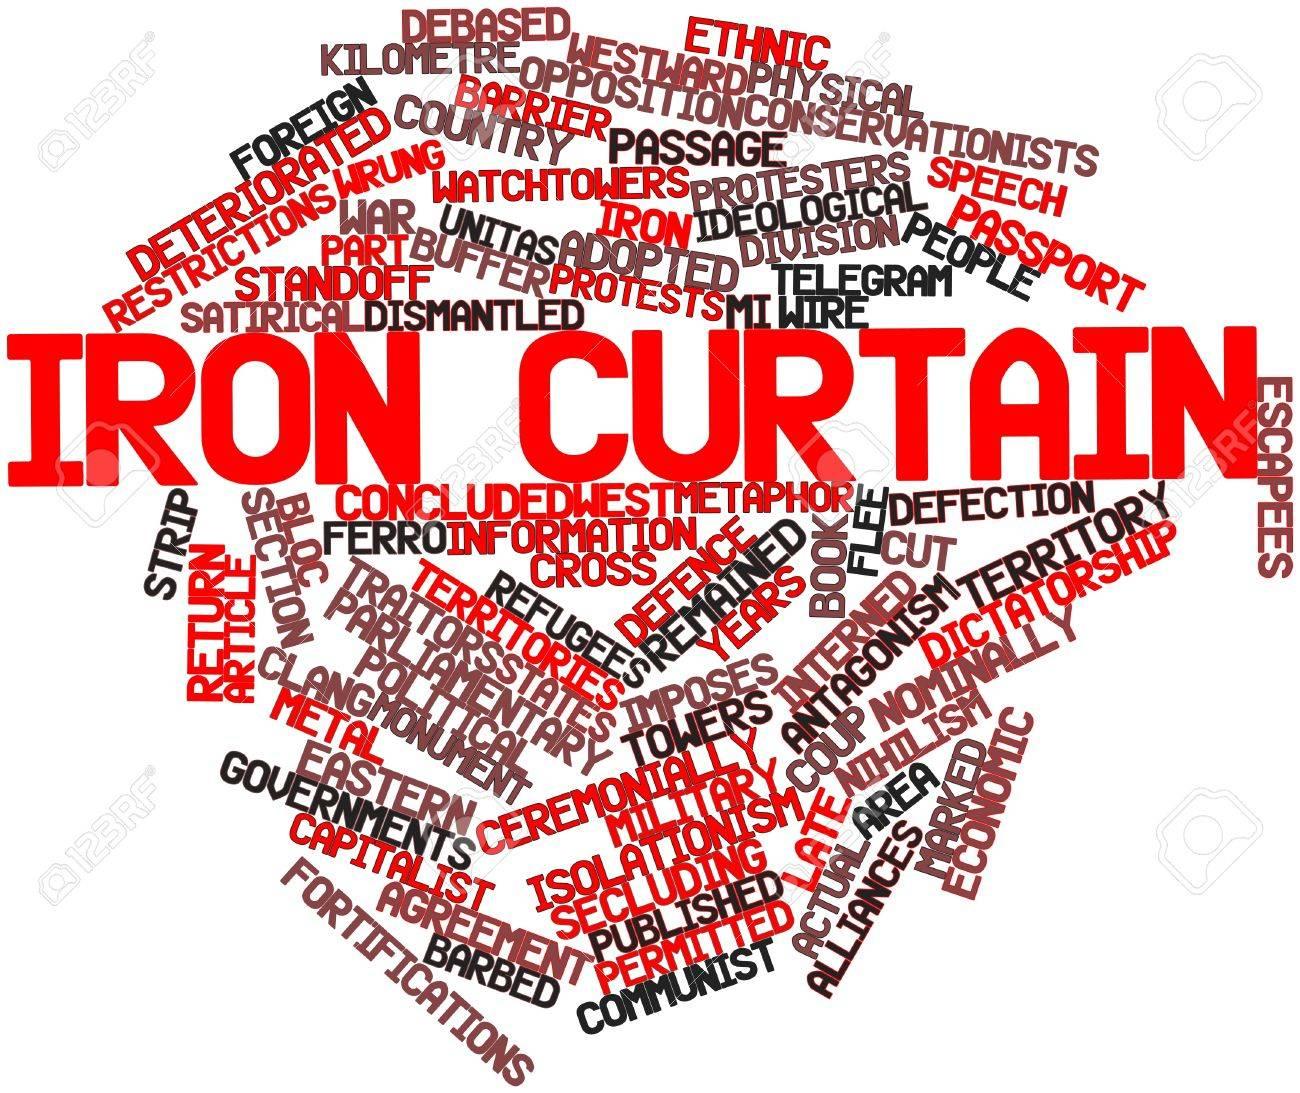 Iron curtain speech - Ir Iron Curtain Churchill Speech Explanation Text Of Iron Curtain Speech Download